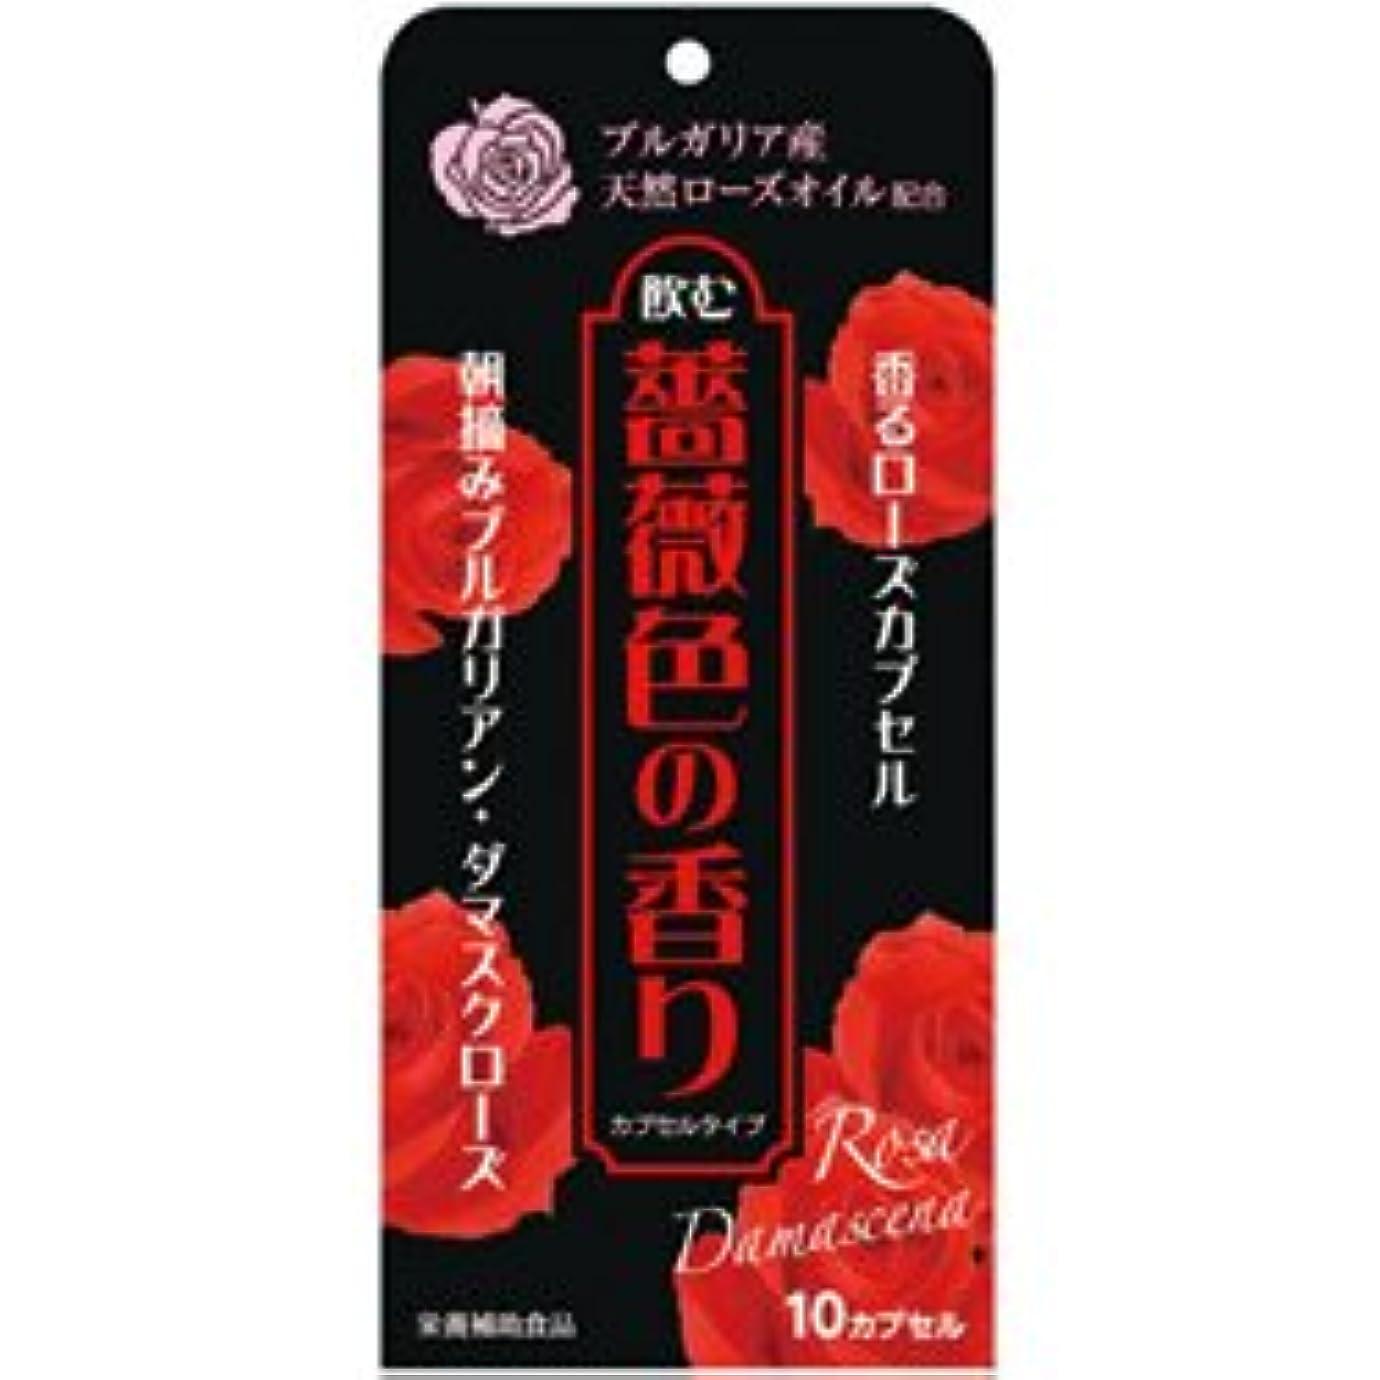 遠え退院後ろに【ウェルネスジャパン】飲む薔薇色の香り 10カプセル ×20個セット